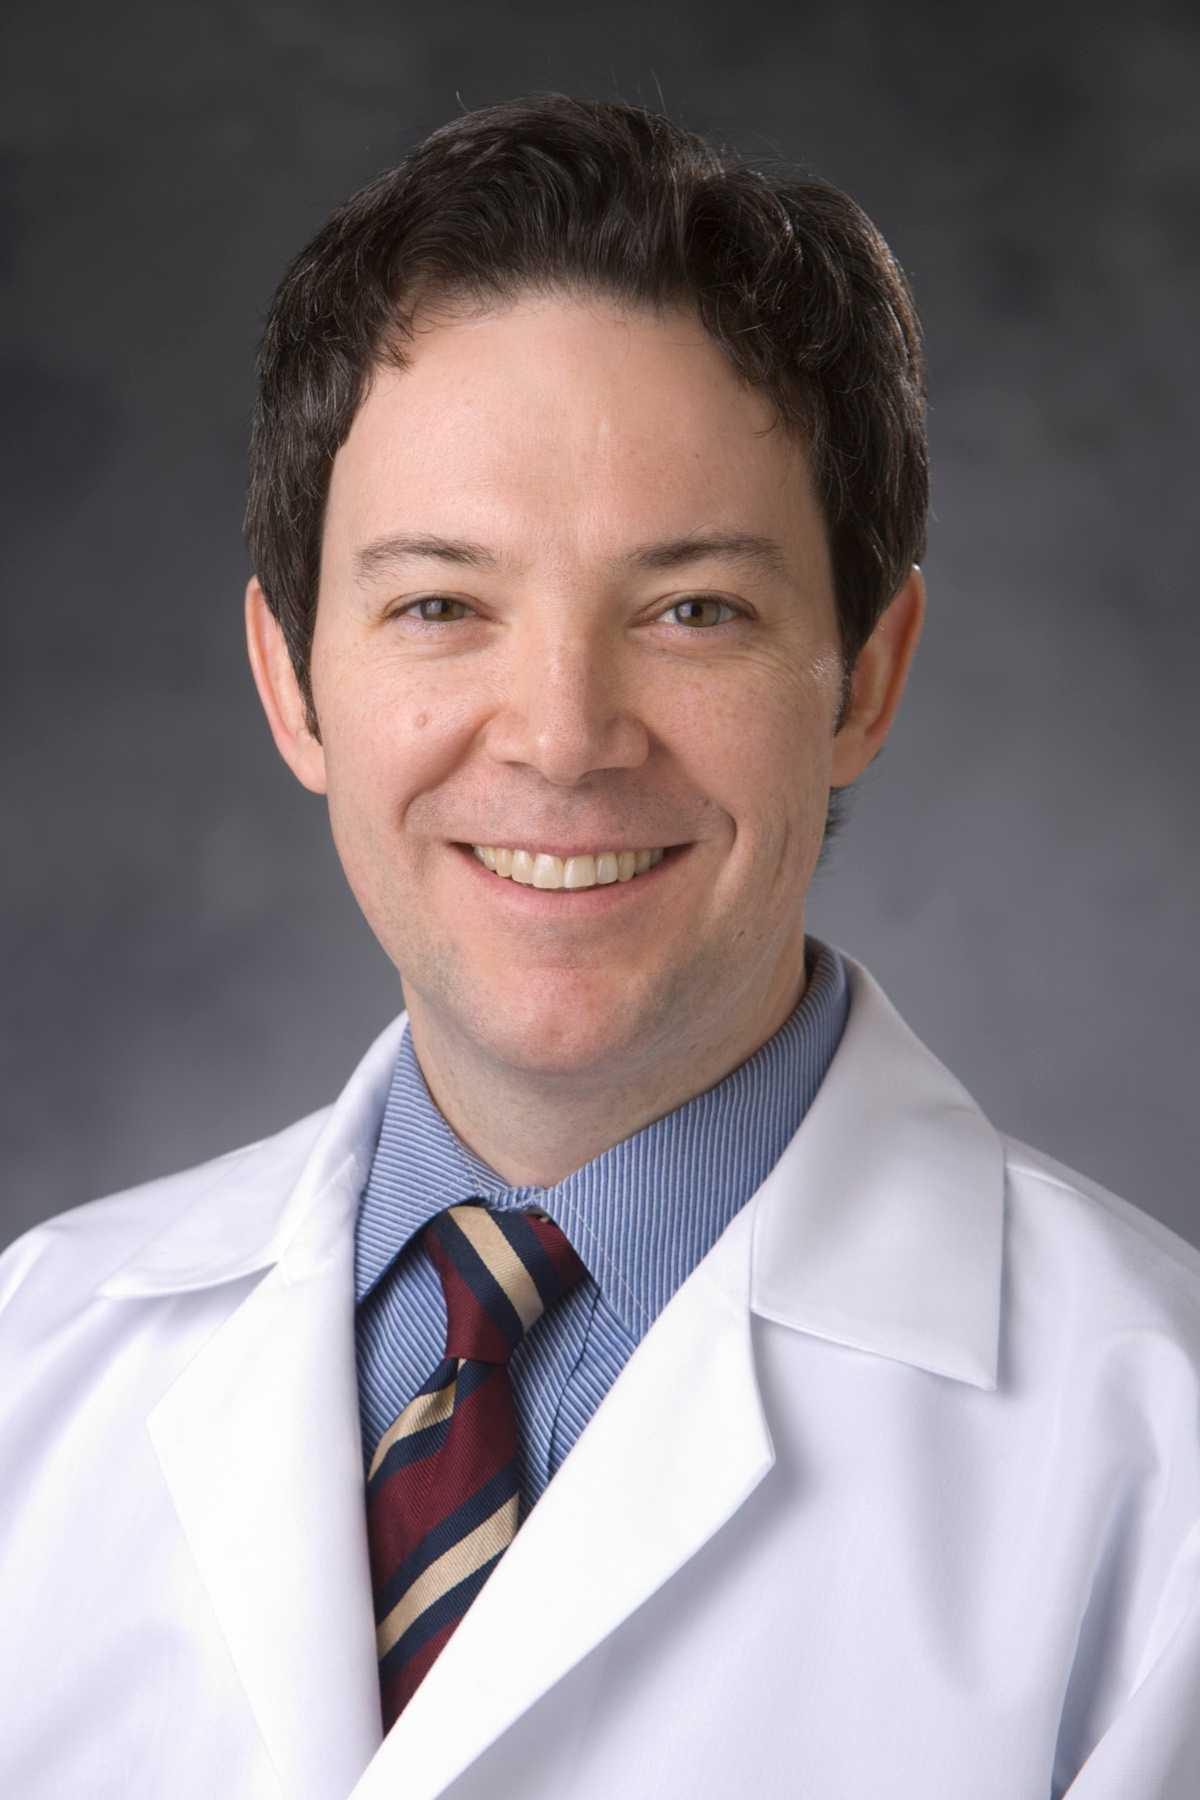 Author Calhoun D. Cunningham III, MD